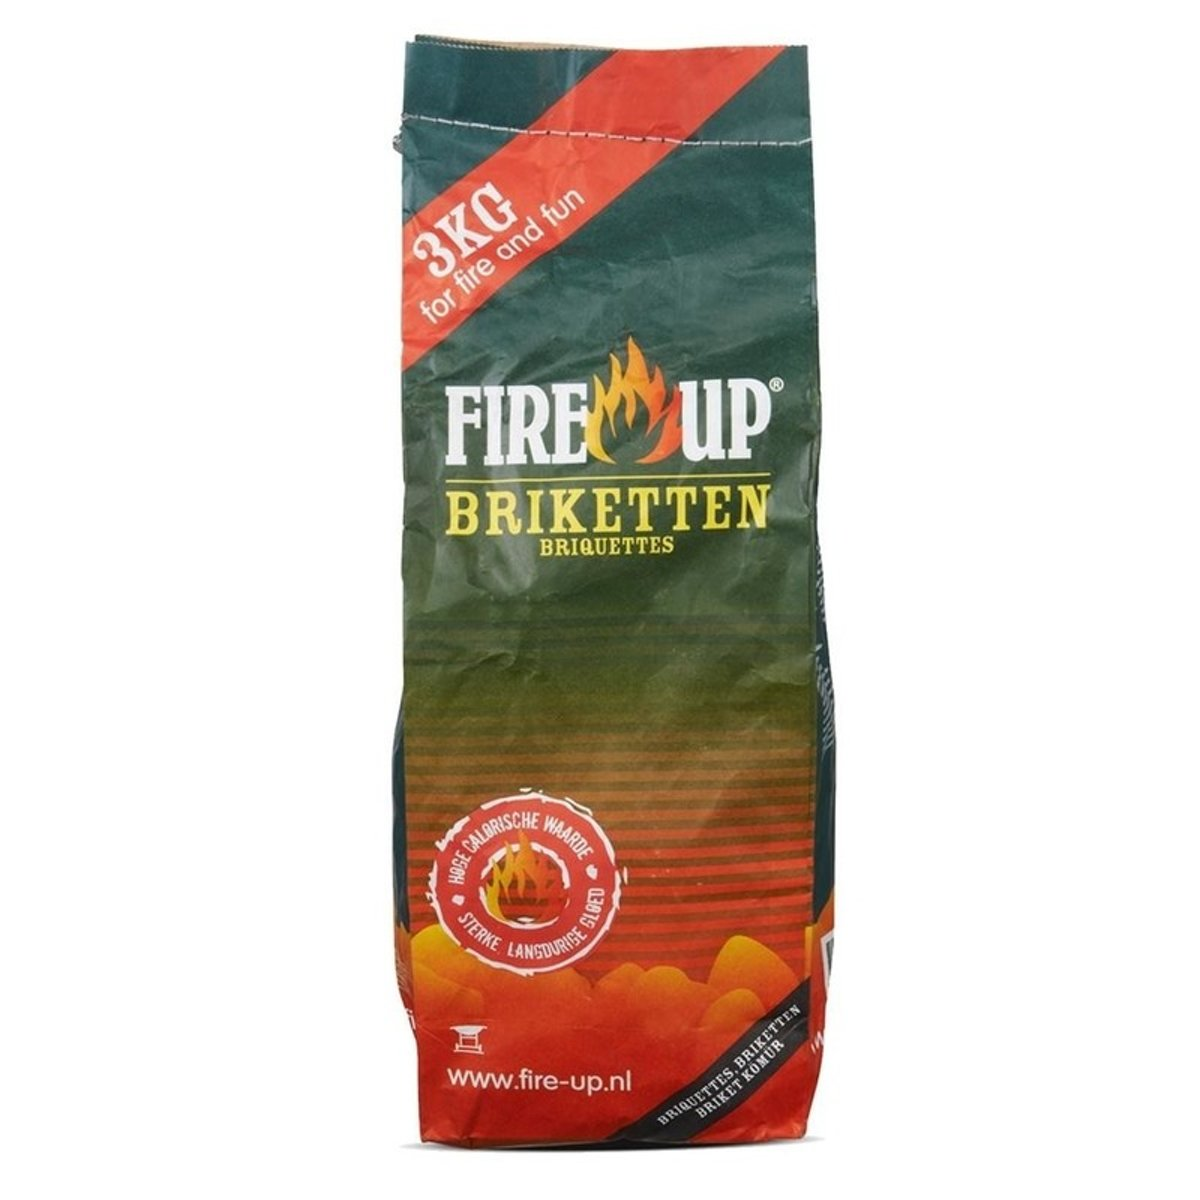 Fire-up Barbequeaccessoire Houtskool briketten kopen